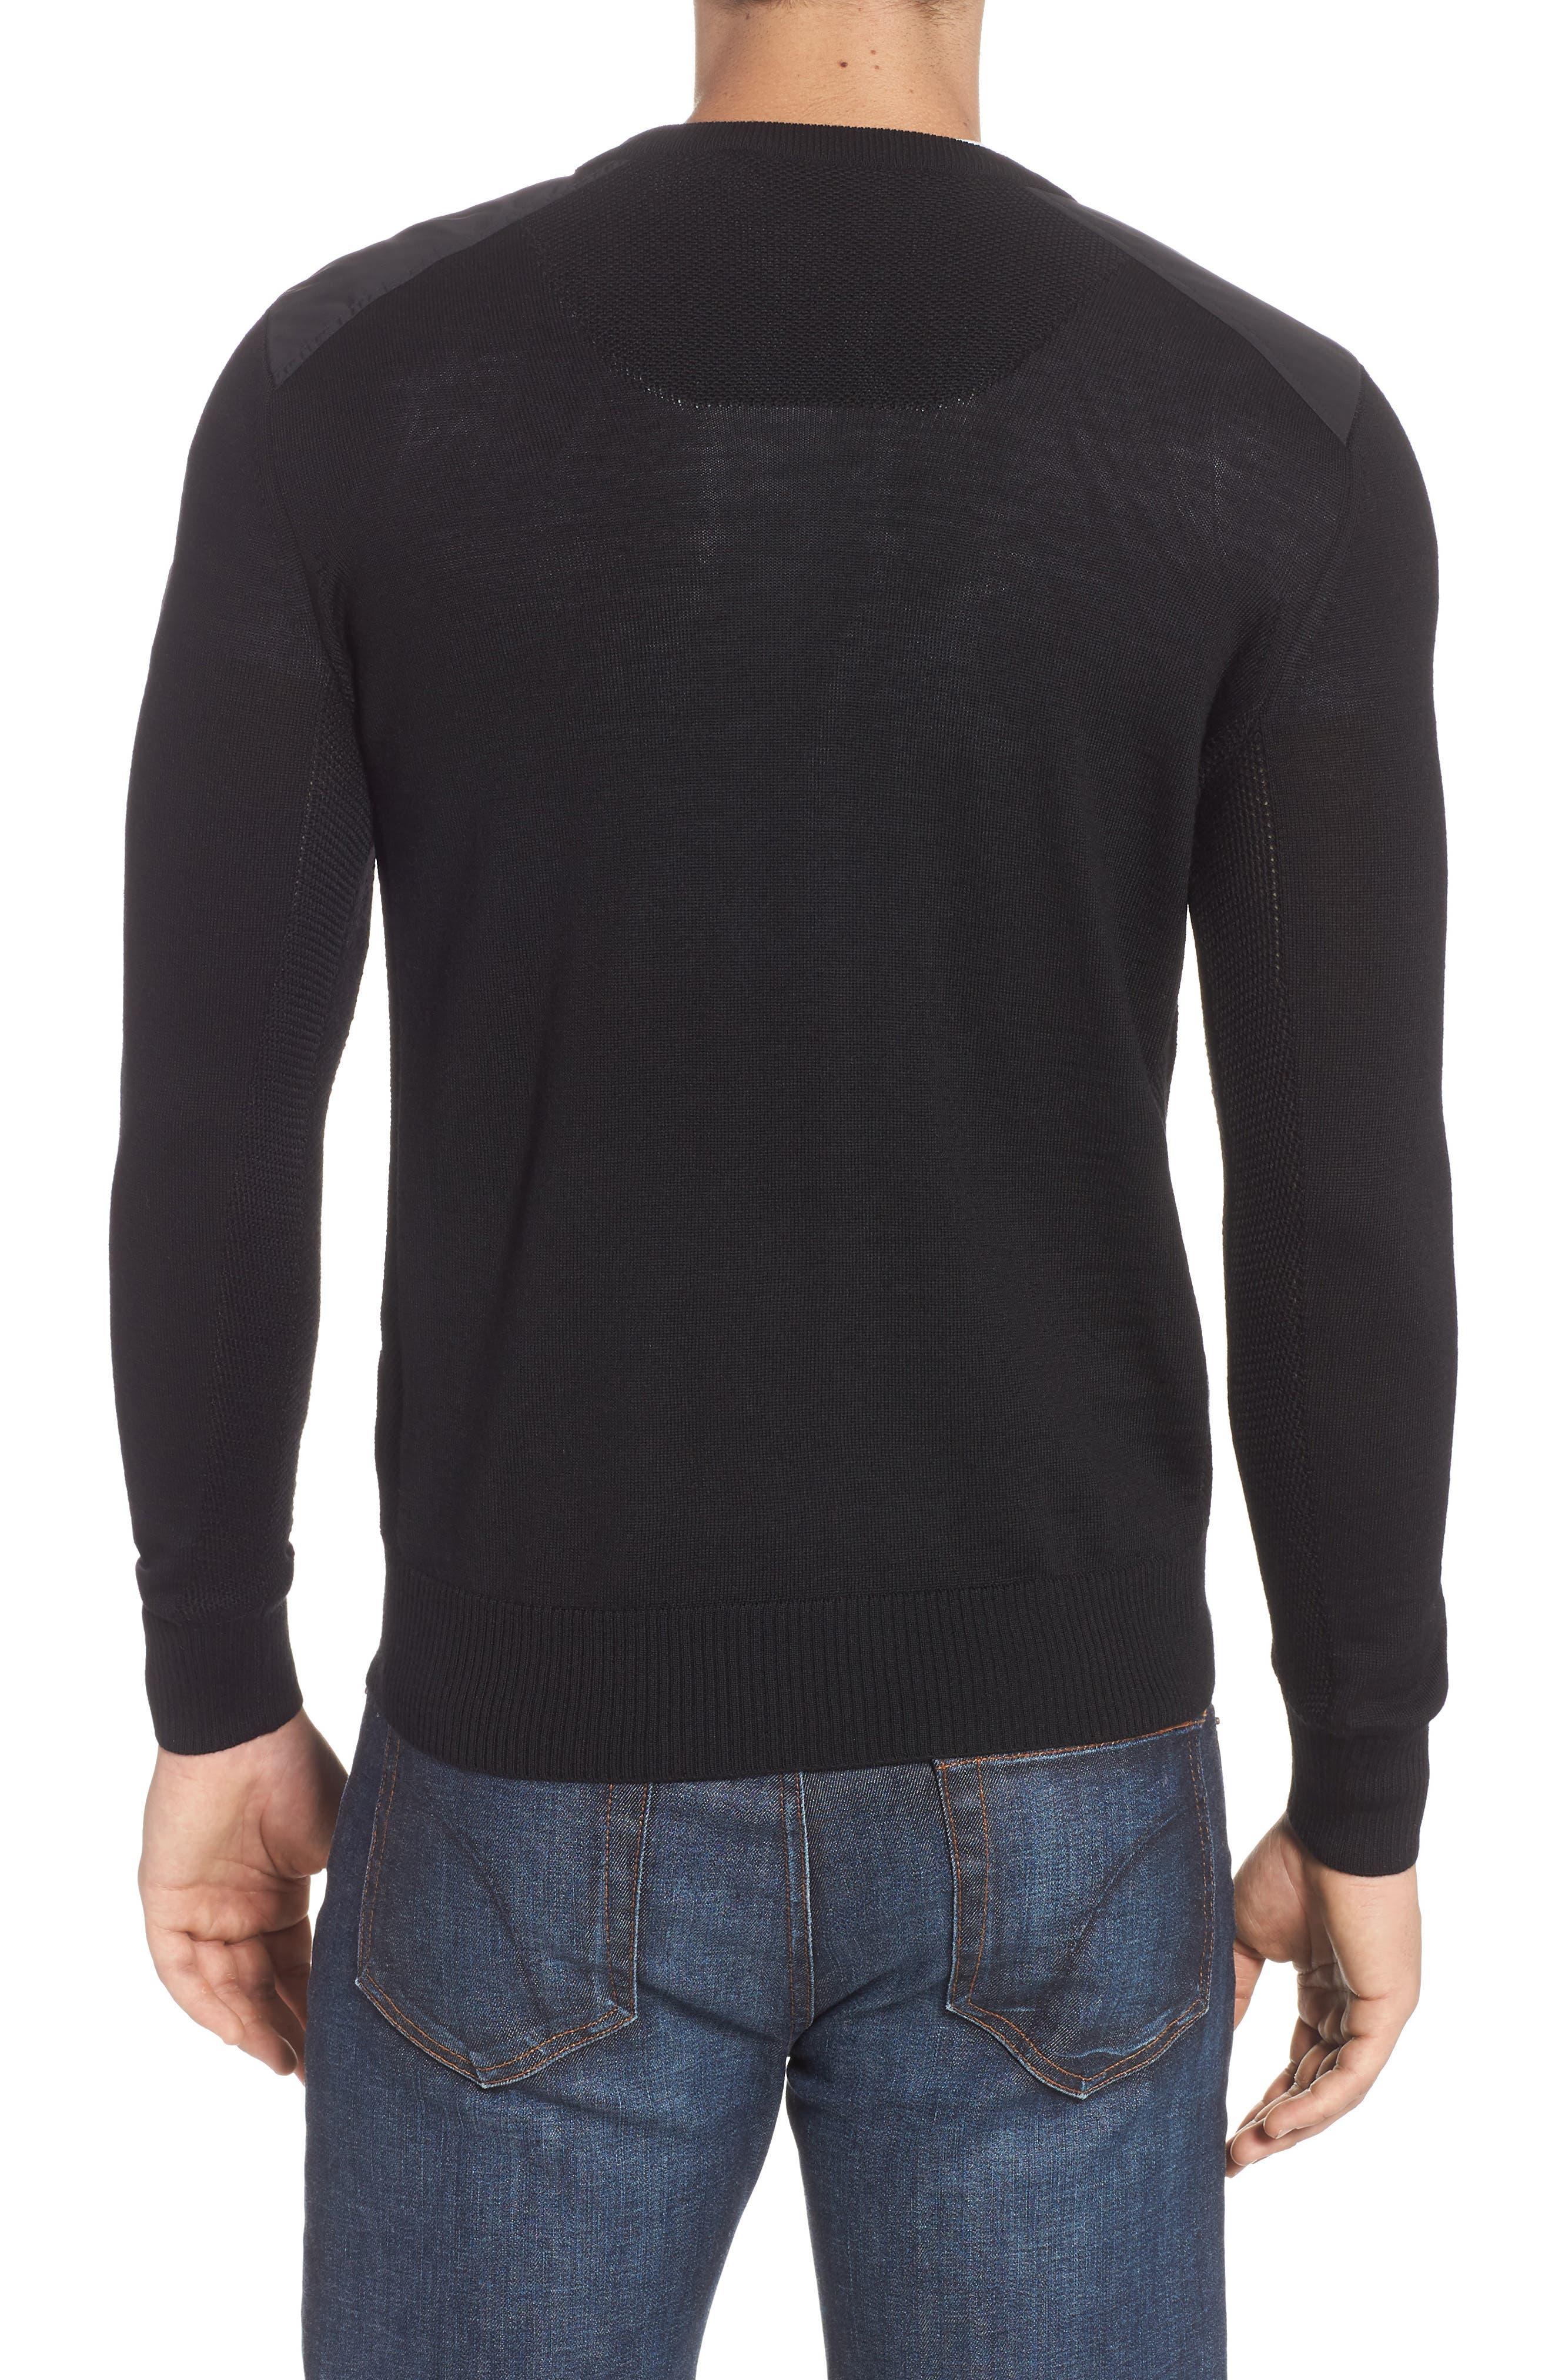 McLeod V-Neck Regular Fit Merino Wool Sweater,                             Alternate thumbnail 2, color,                             BLACK